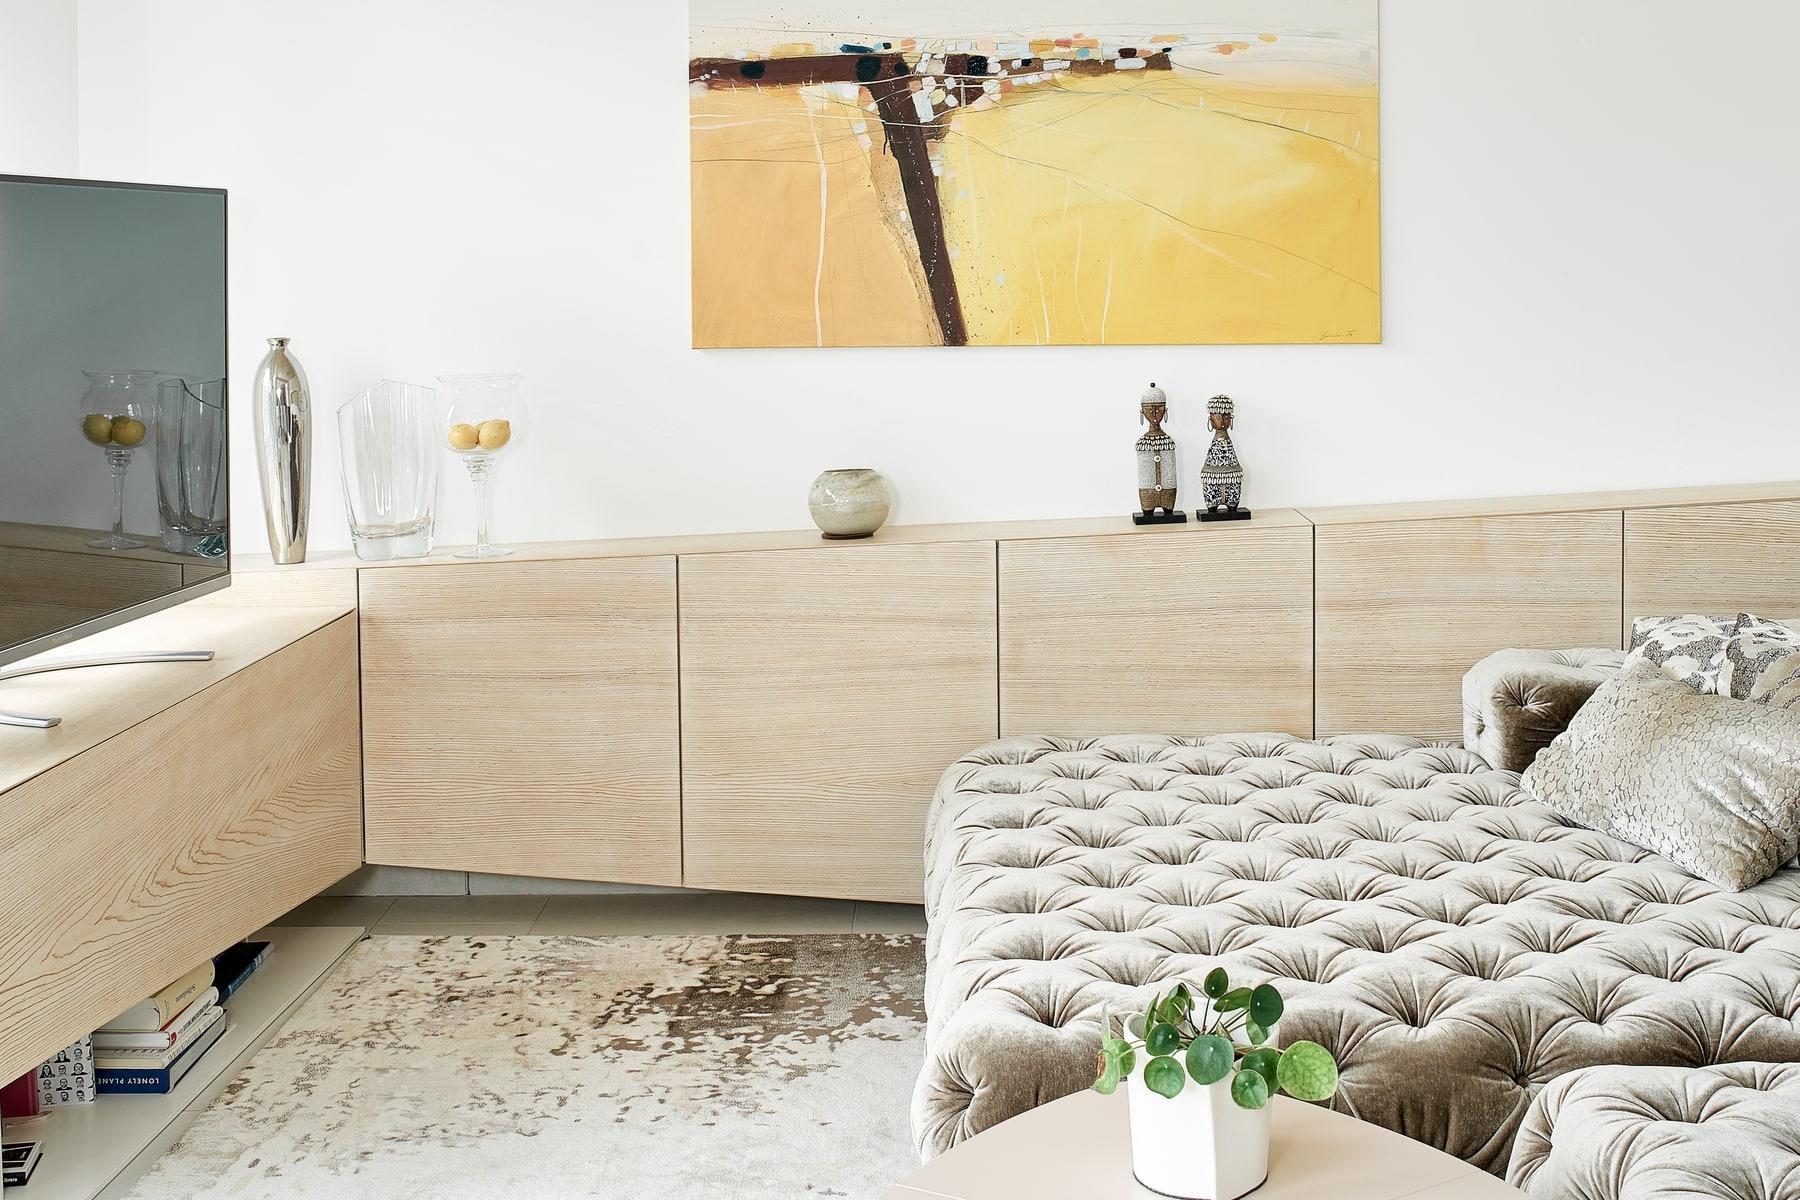 1800x1200-Jarisch Küche Wohnzimmer0824